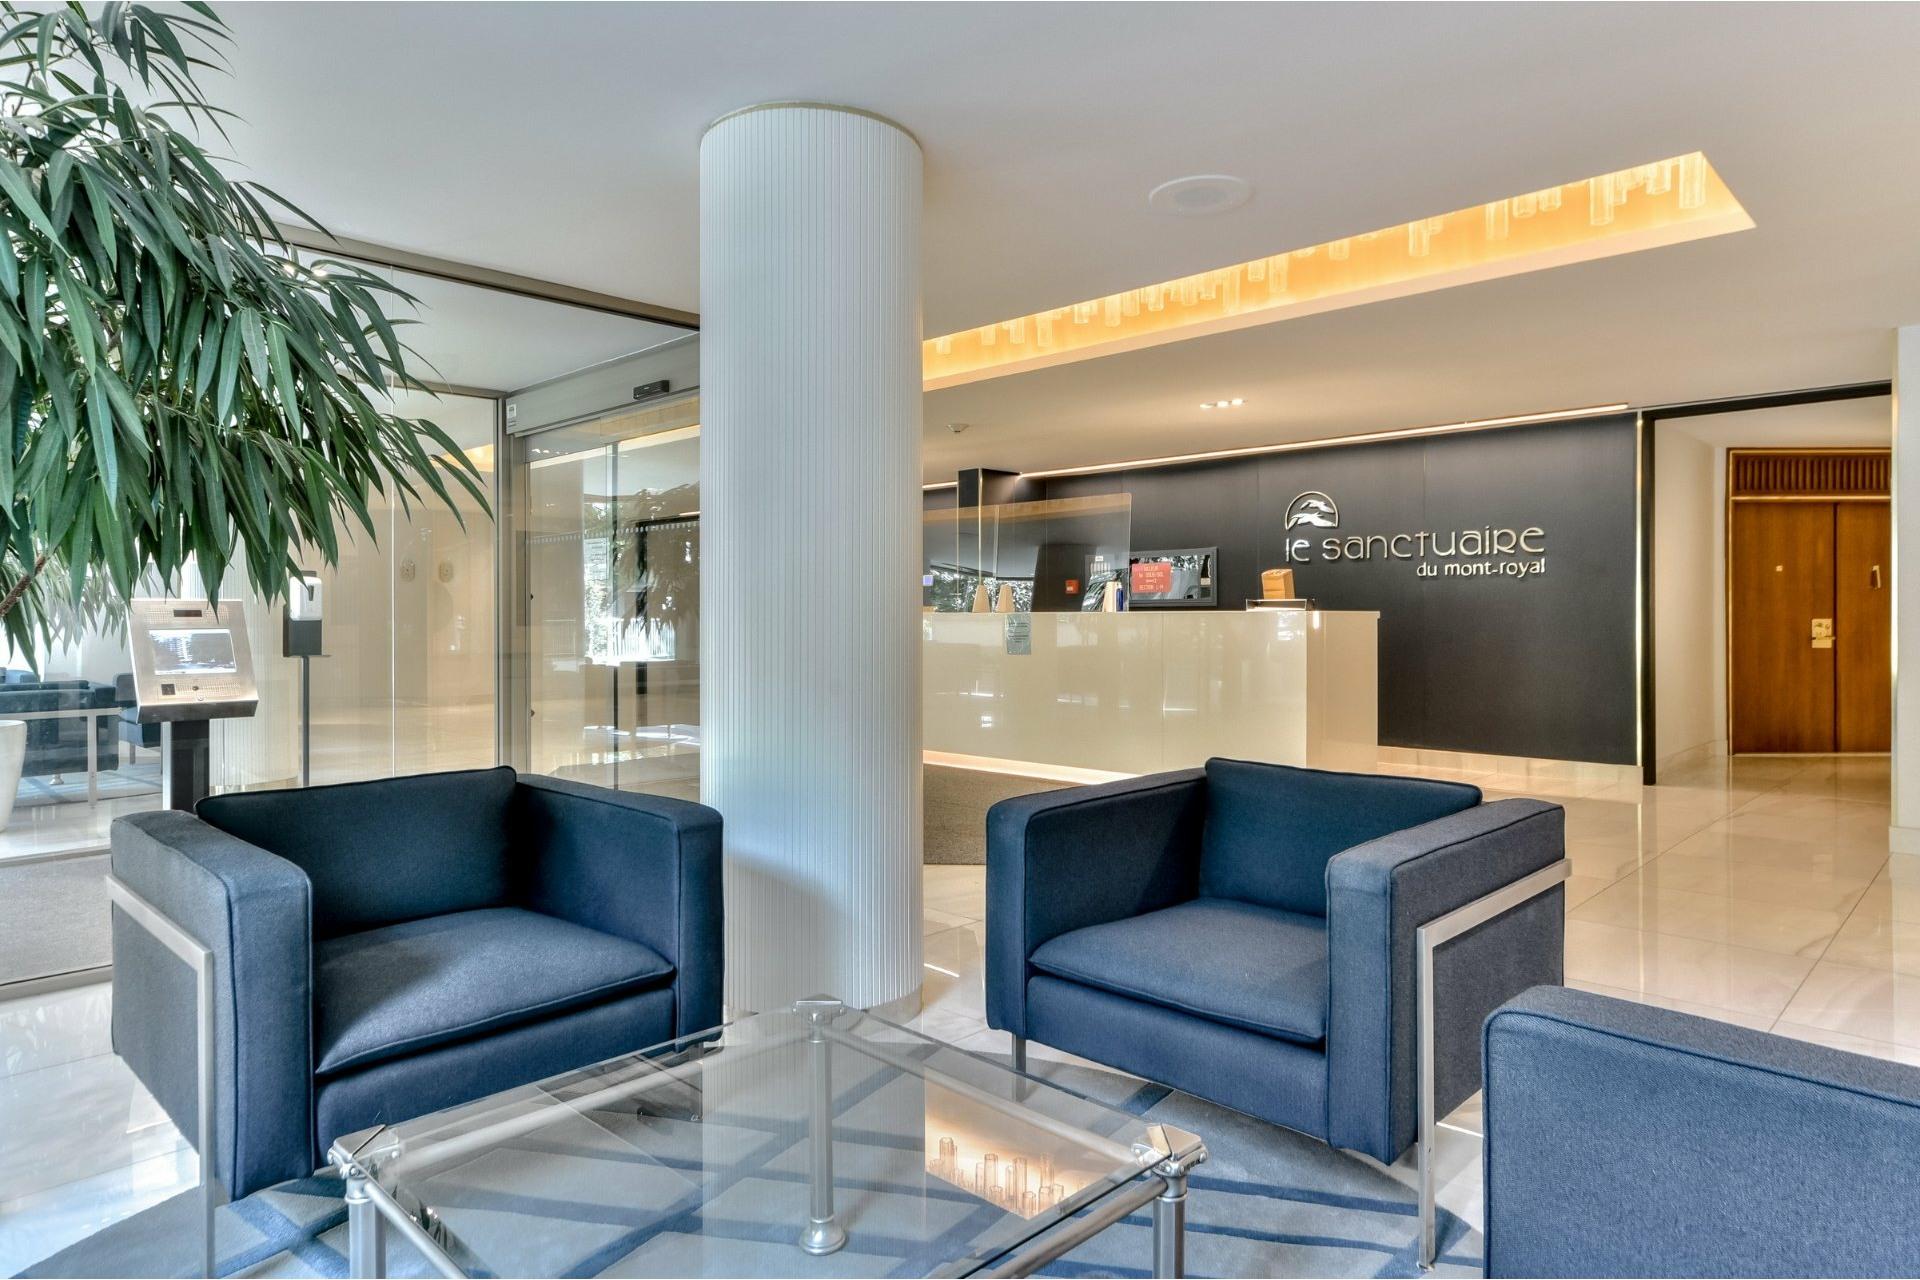 image 37 - Appartement À vendre Côte-des-Neiges/Notre-Dame-de-Grâce Montréal  - 12 pièces